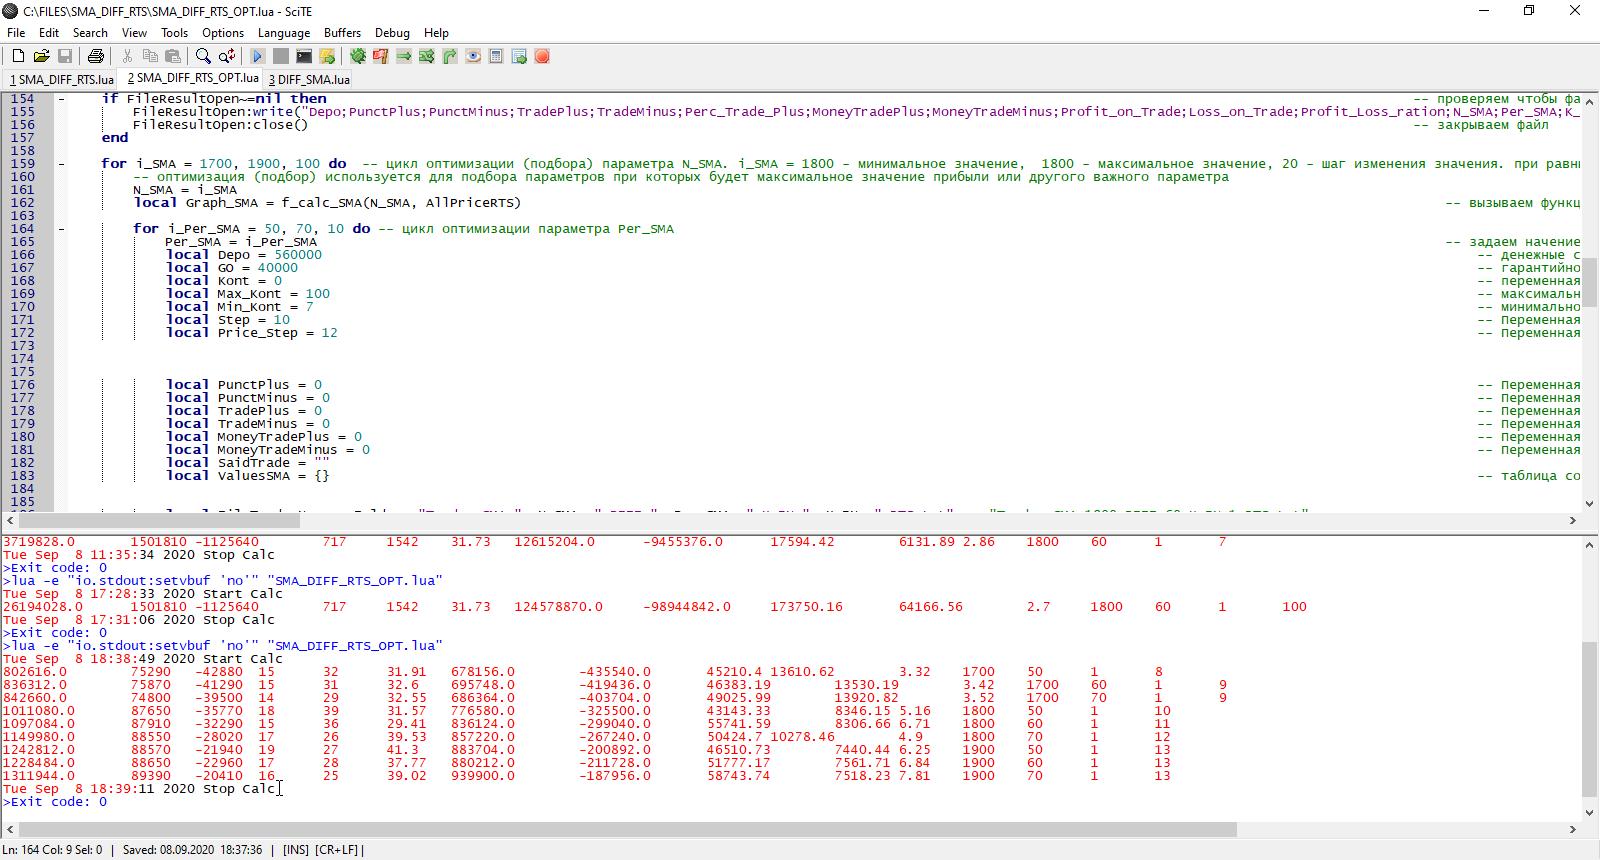 QUIK LUA результаты теста робота по нескольким параметрам фьючерс РТС